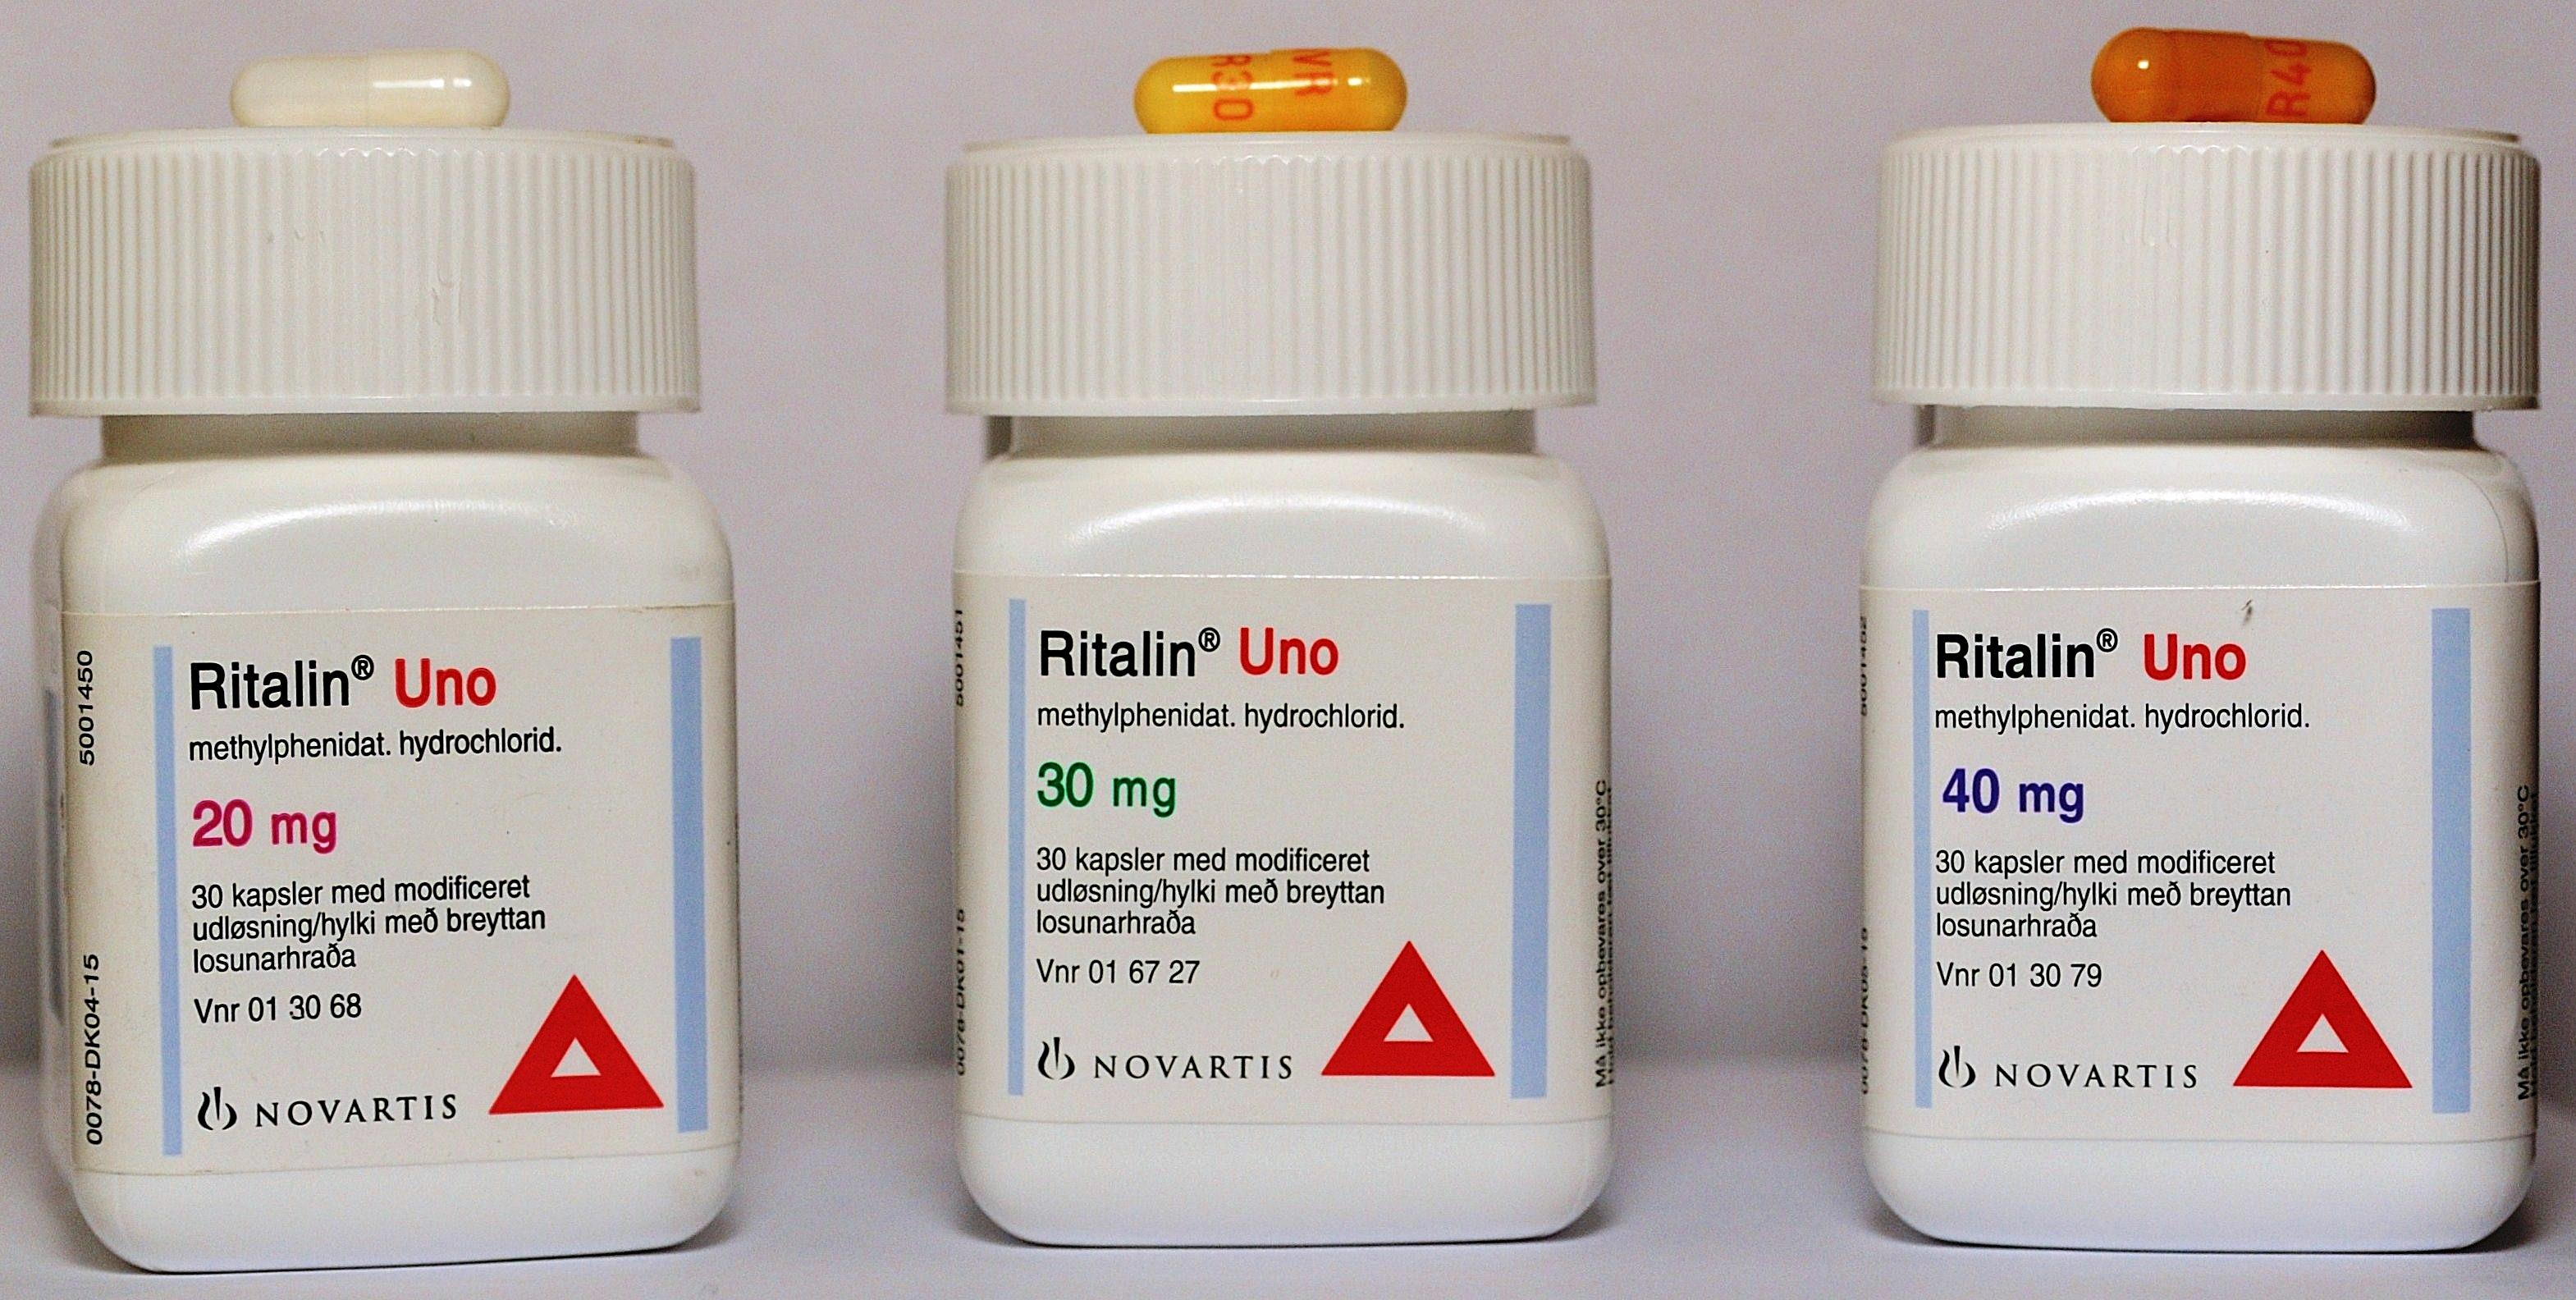 ritalin uno 30mg bivirkninger